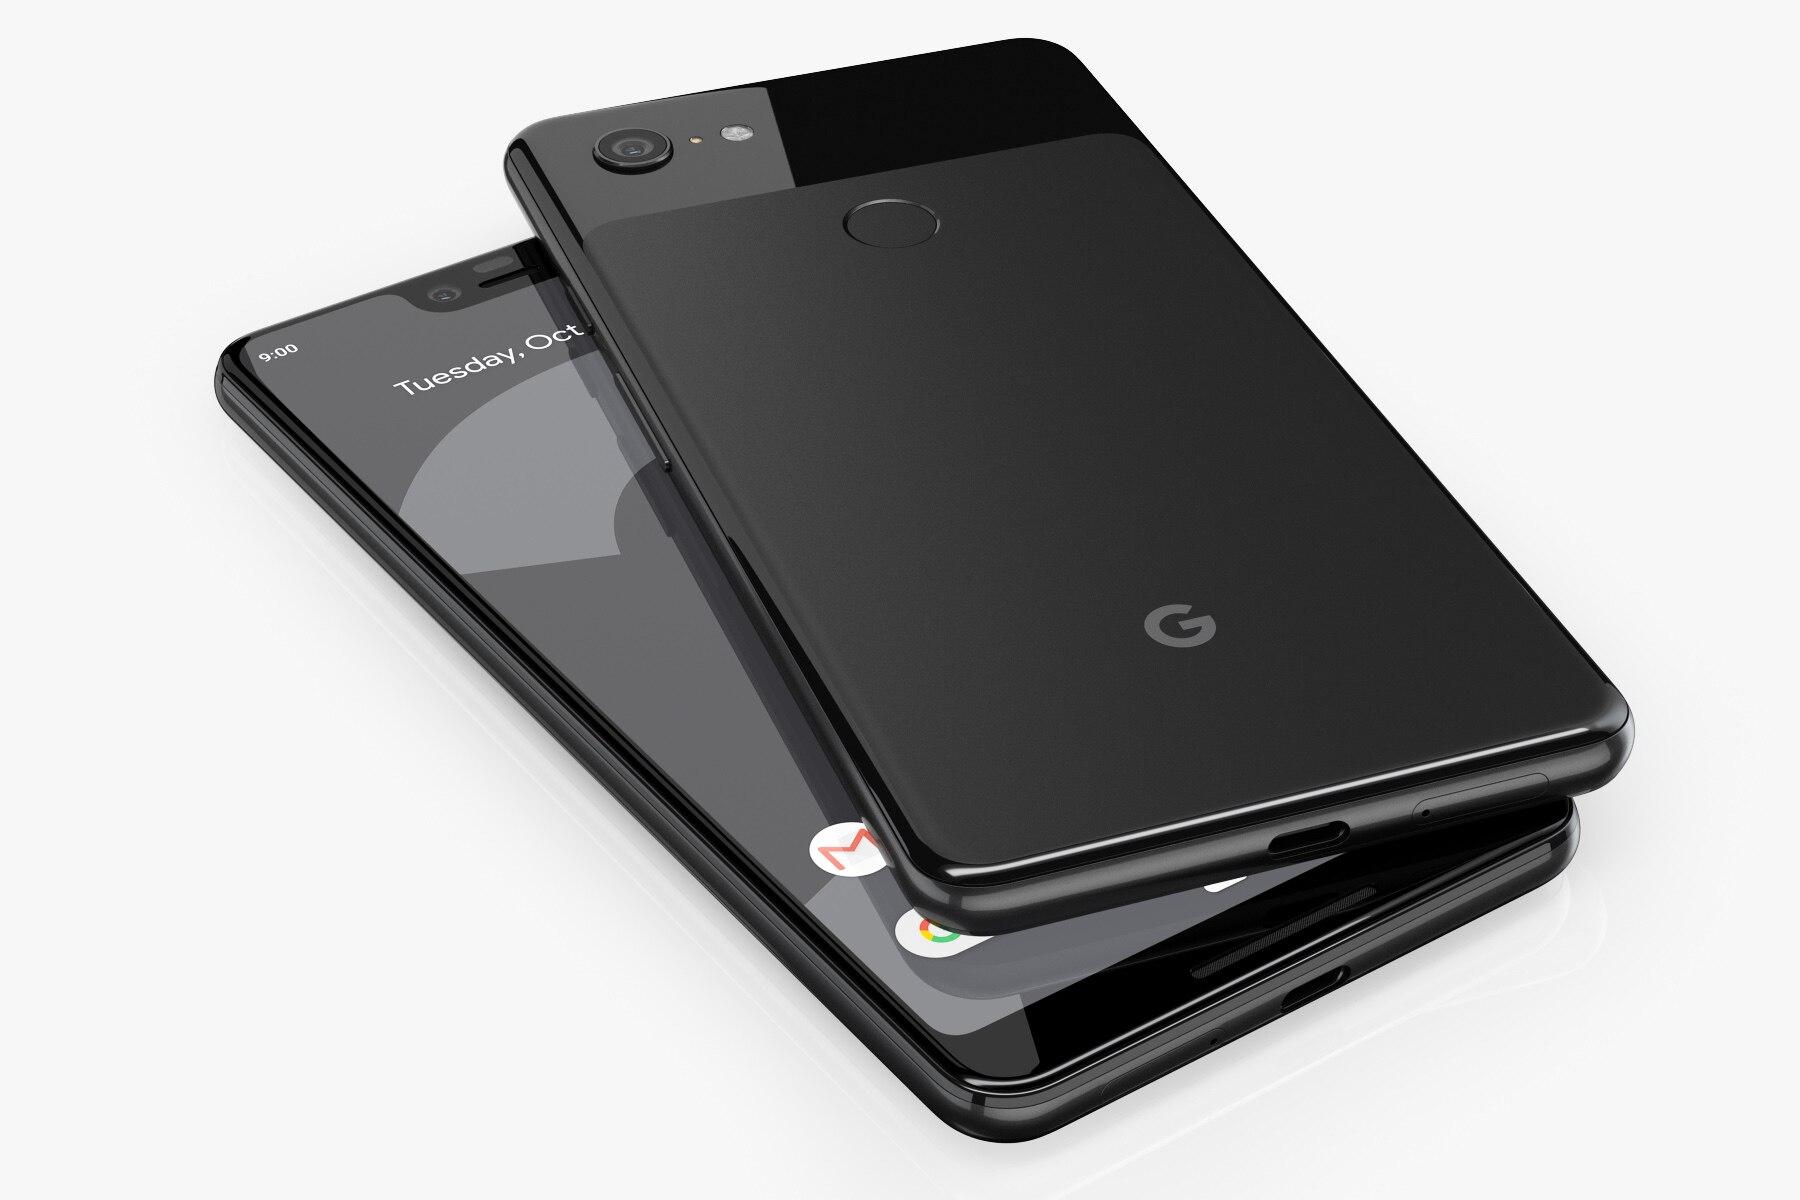 Смартфон Google Pixel 3 оригинал, телефон с 5,5-дюймовым 4 ГБ ОЗУ64 ГБ ПЗУ